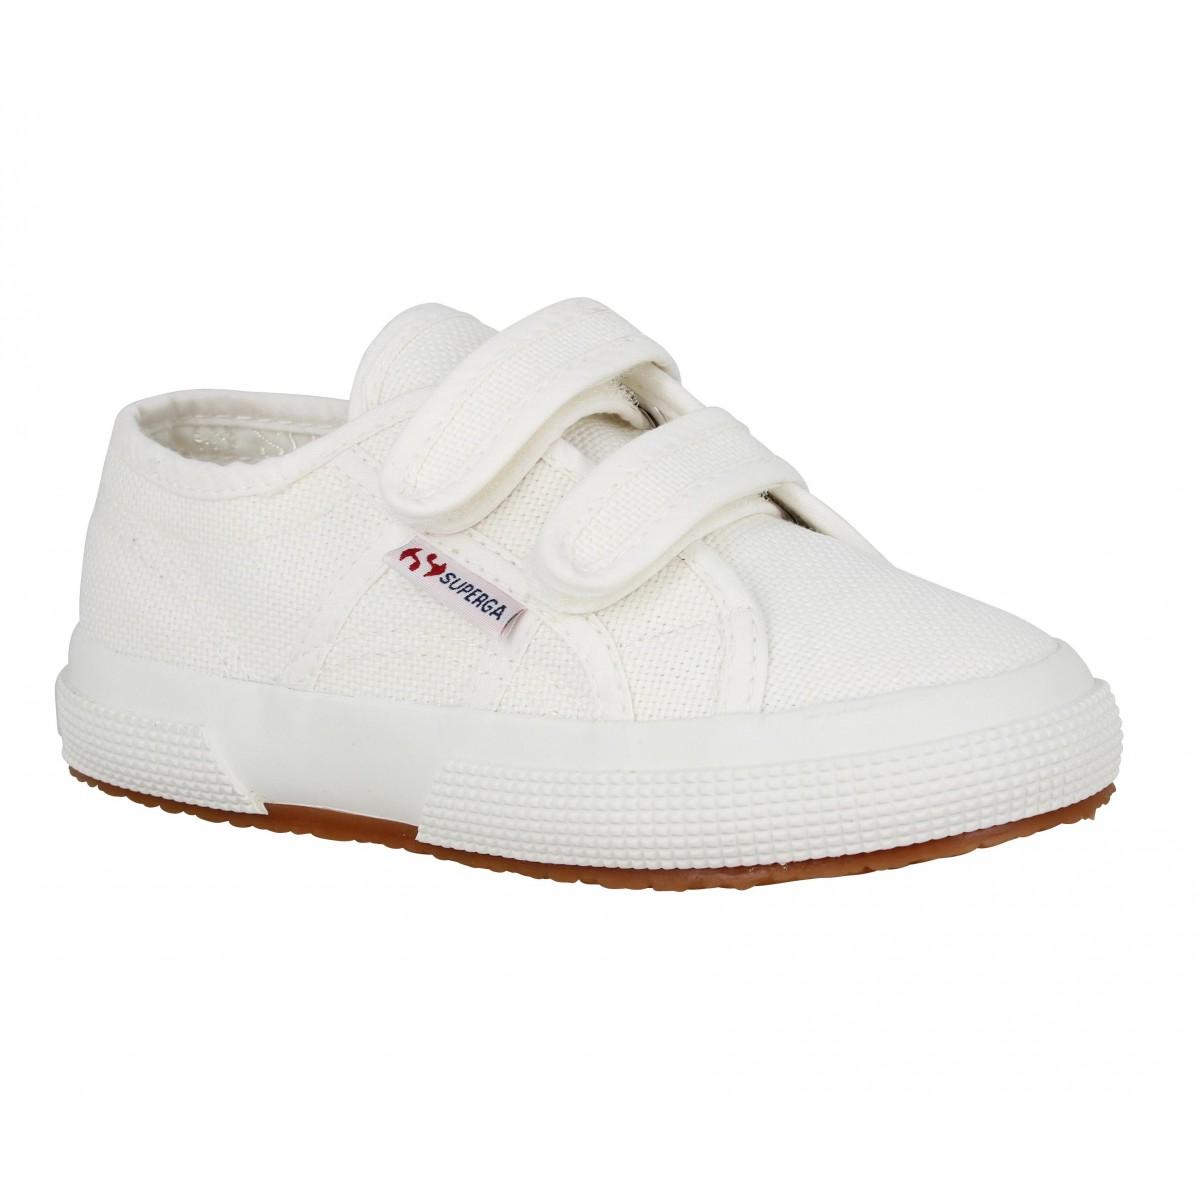 Superga Enfant 2750 Velcro -34-blanc